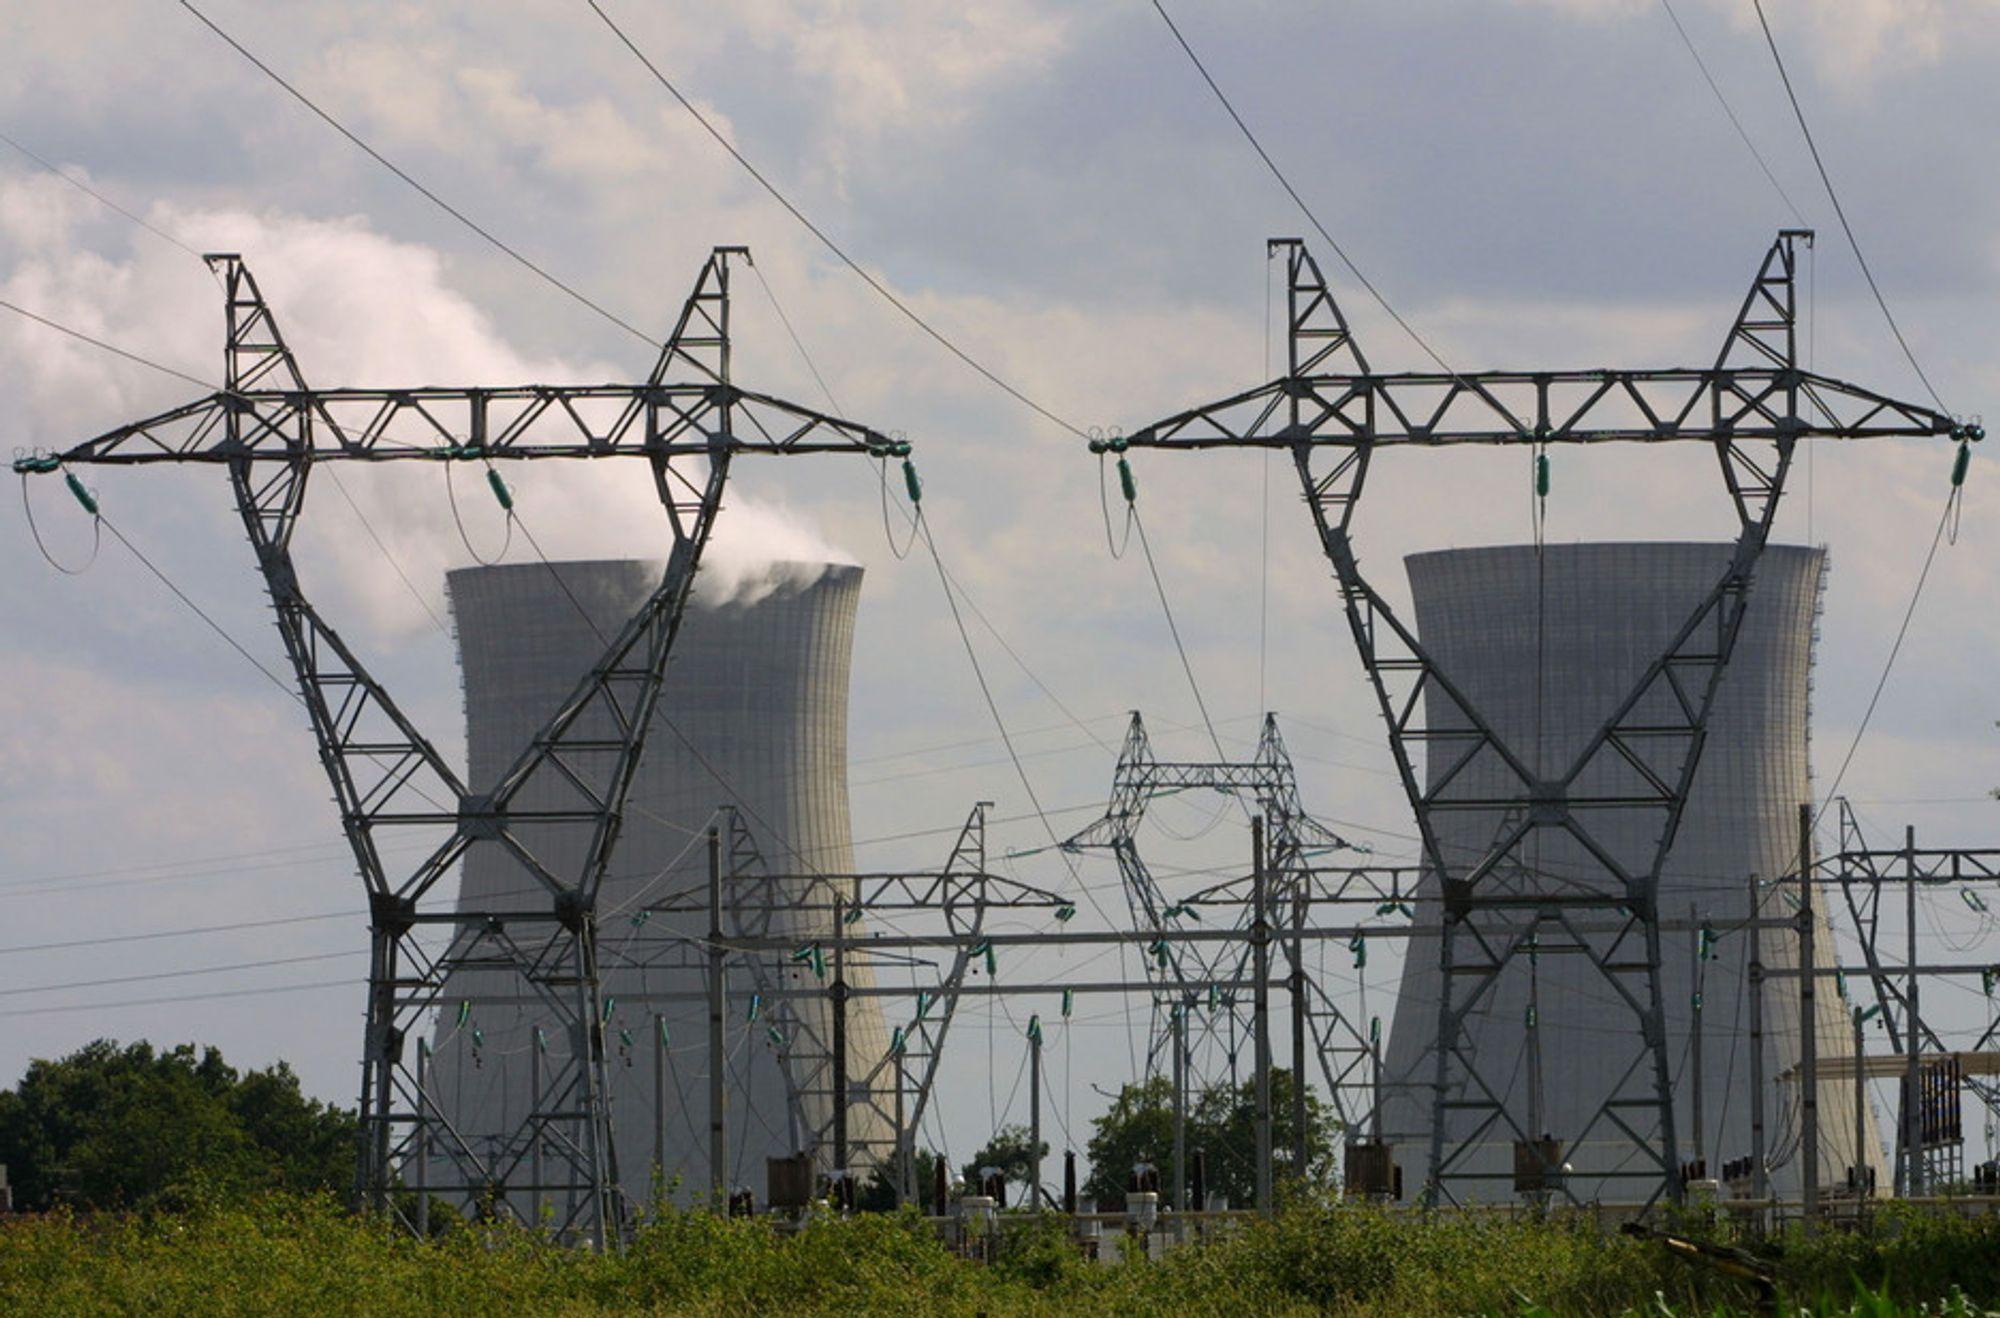 STENGE: Under hetebølgene i 2003 og 2006 måtte 17 kjernekraftverk i Tyskland, Frankrike, Spania, Romania, Slovakia og Tsjekkia redusere produksjonen eller stenge helt. ( Illustrasjonsbilde)